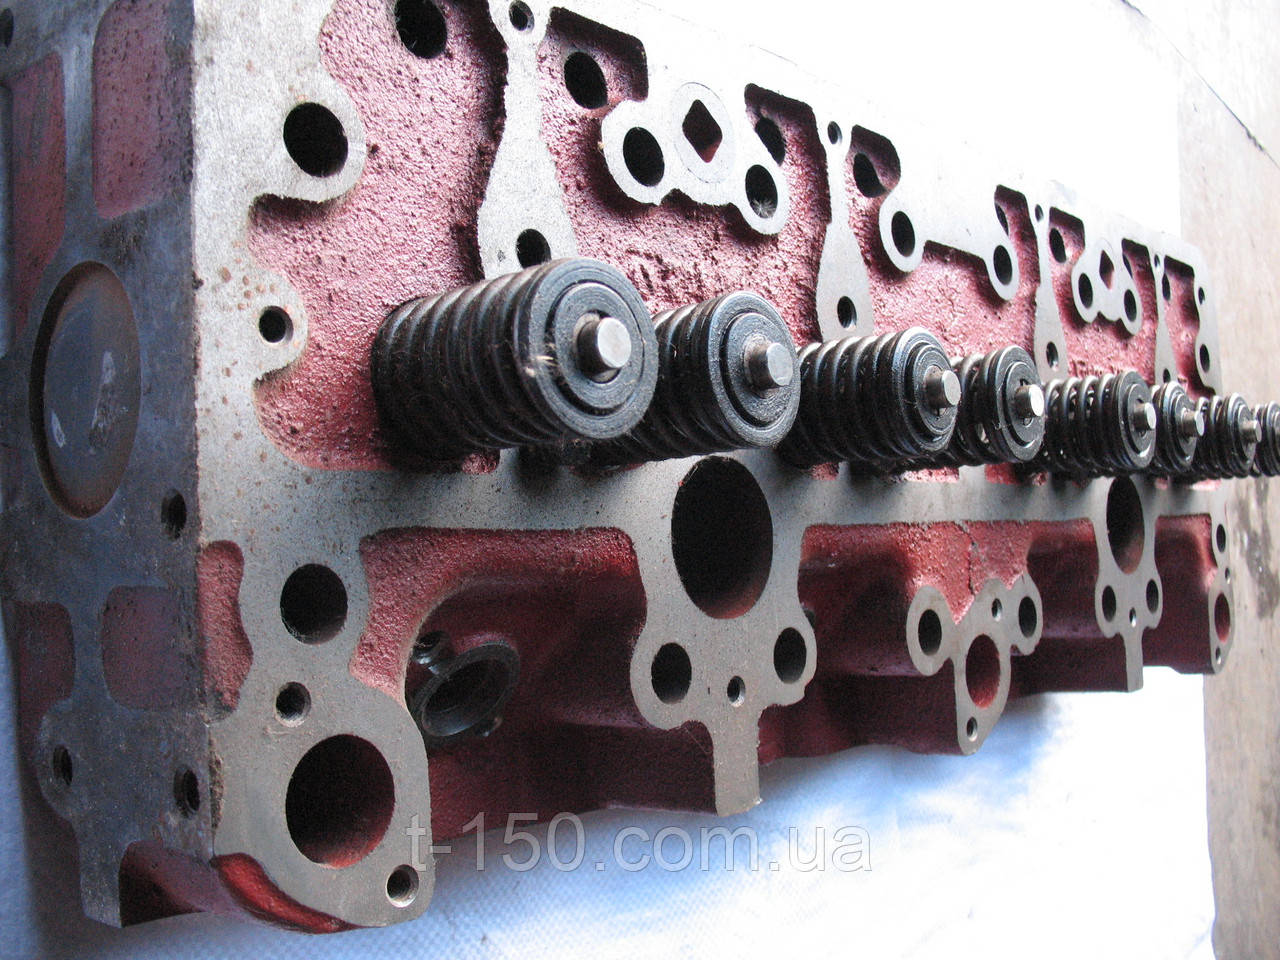 Головка блока цилиндров СМД-18, ремонтная, (23-06с9)